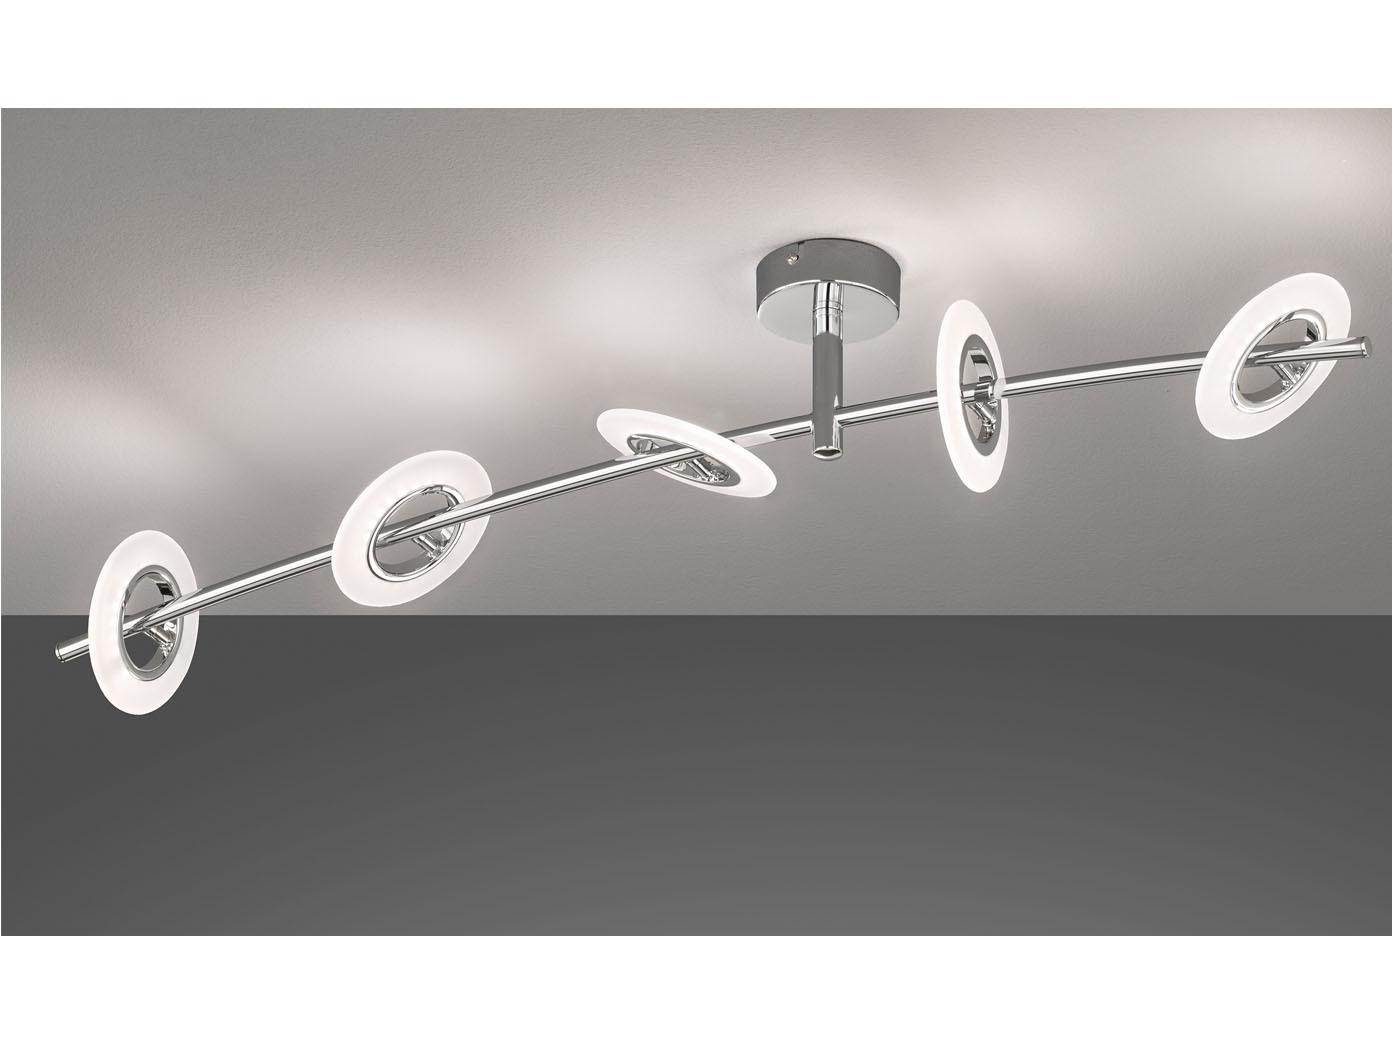 Full Size of Led Lampe Mit Fernbedienung Funktioniert Nicht Wohnzimmerlampe Deckenleuchte Dimmbar Farbwechsel 3 Stufen Machen 5c6363966859f Wohnzimmer Büffelleder Sofa Wohnzimmer Led Wohnzimmerlampe